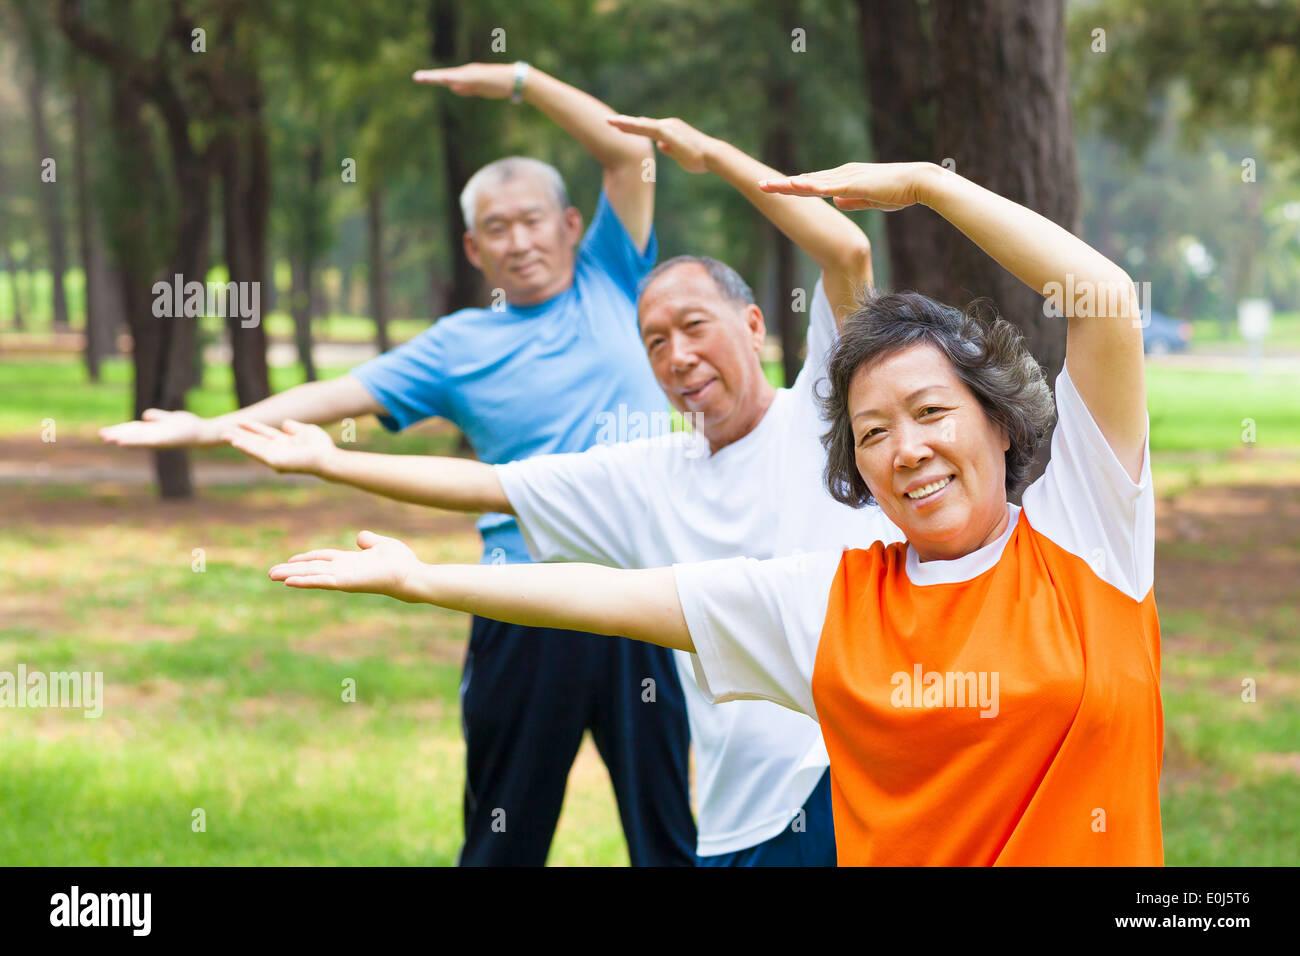 Los ancianos haciendo gimnasia en el parque Imagen De Stock